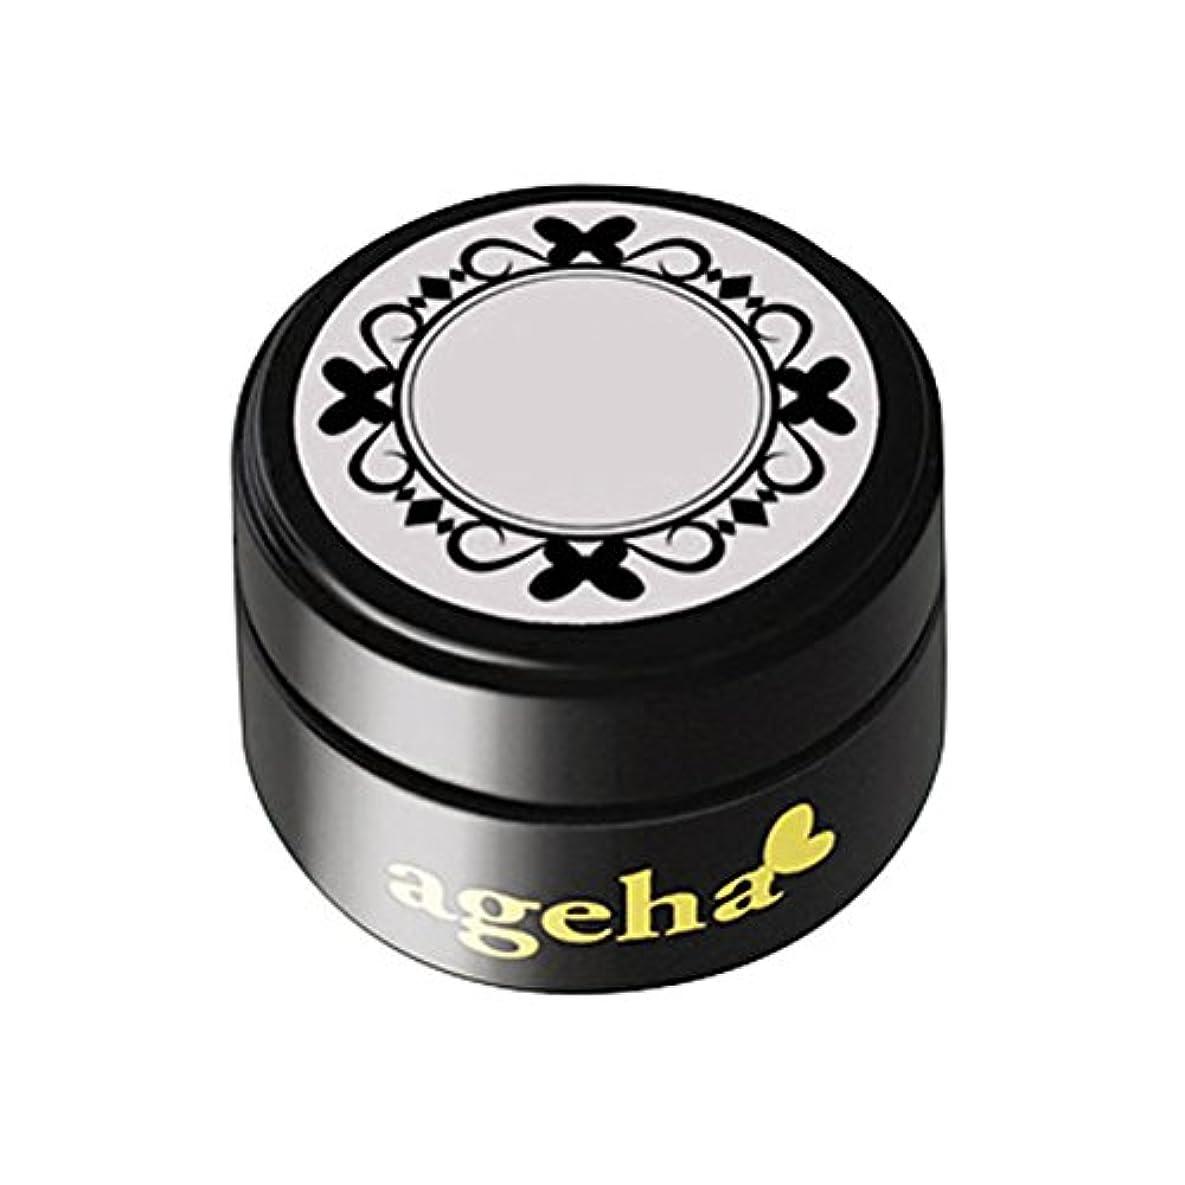 ブラウン条件付き家事ageha gel カラージェル コスメカラー 216 ノスタルジー 2.7g UV/LED対応